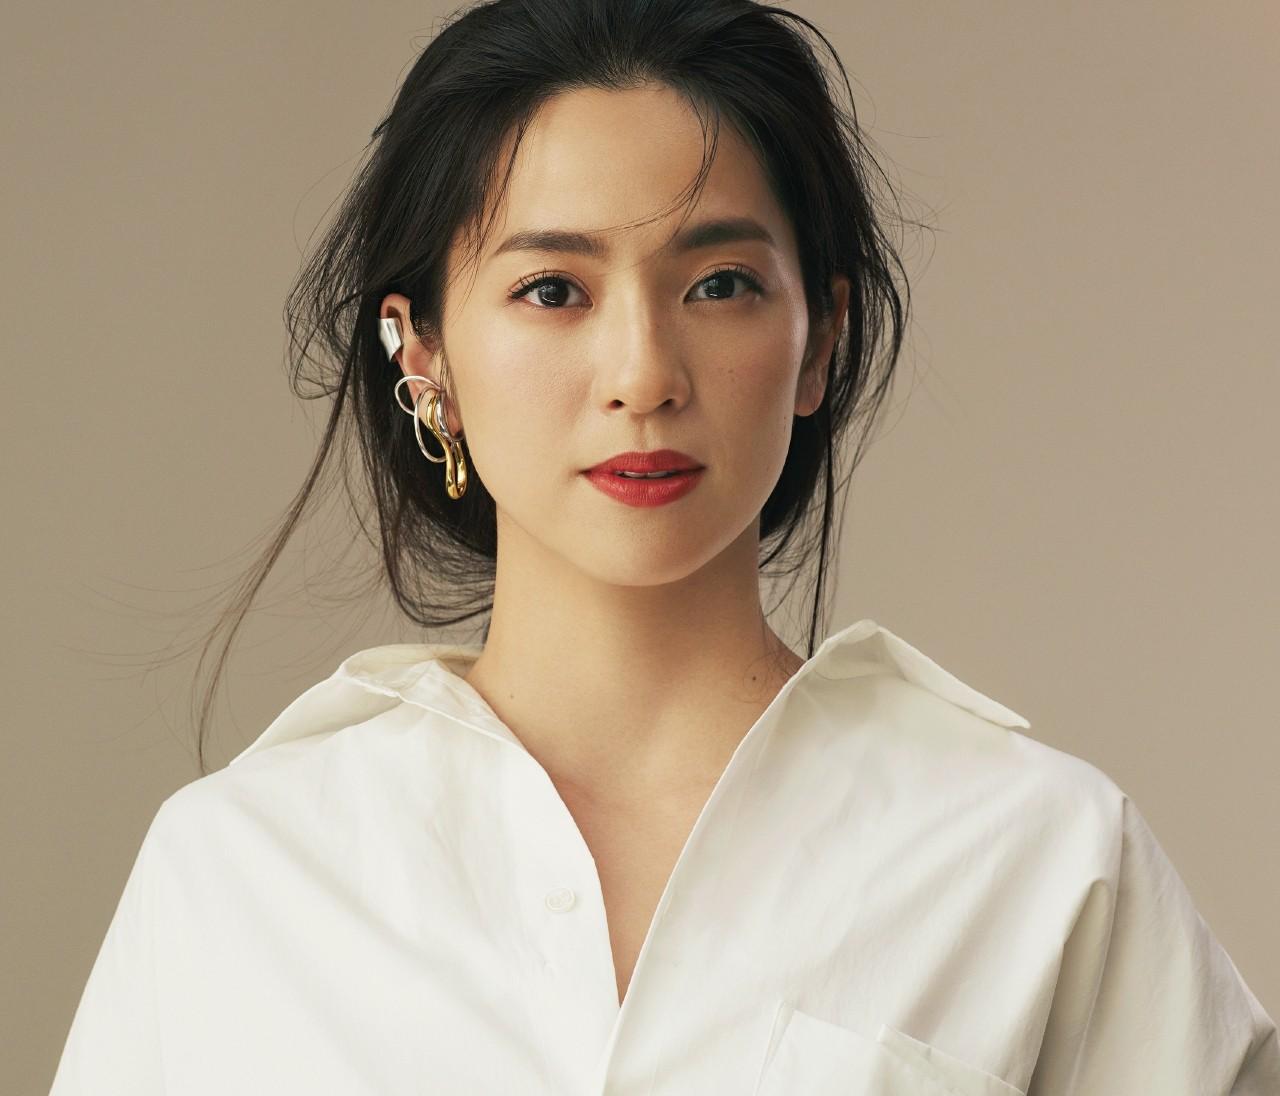 【夏ジュエリー】中村アンが〈イヤカフ〉で演じる5つの女性像